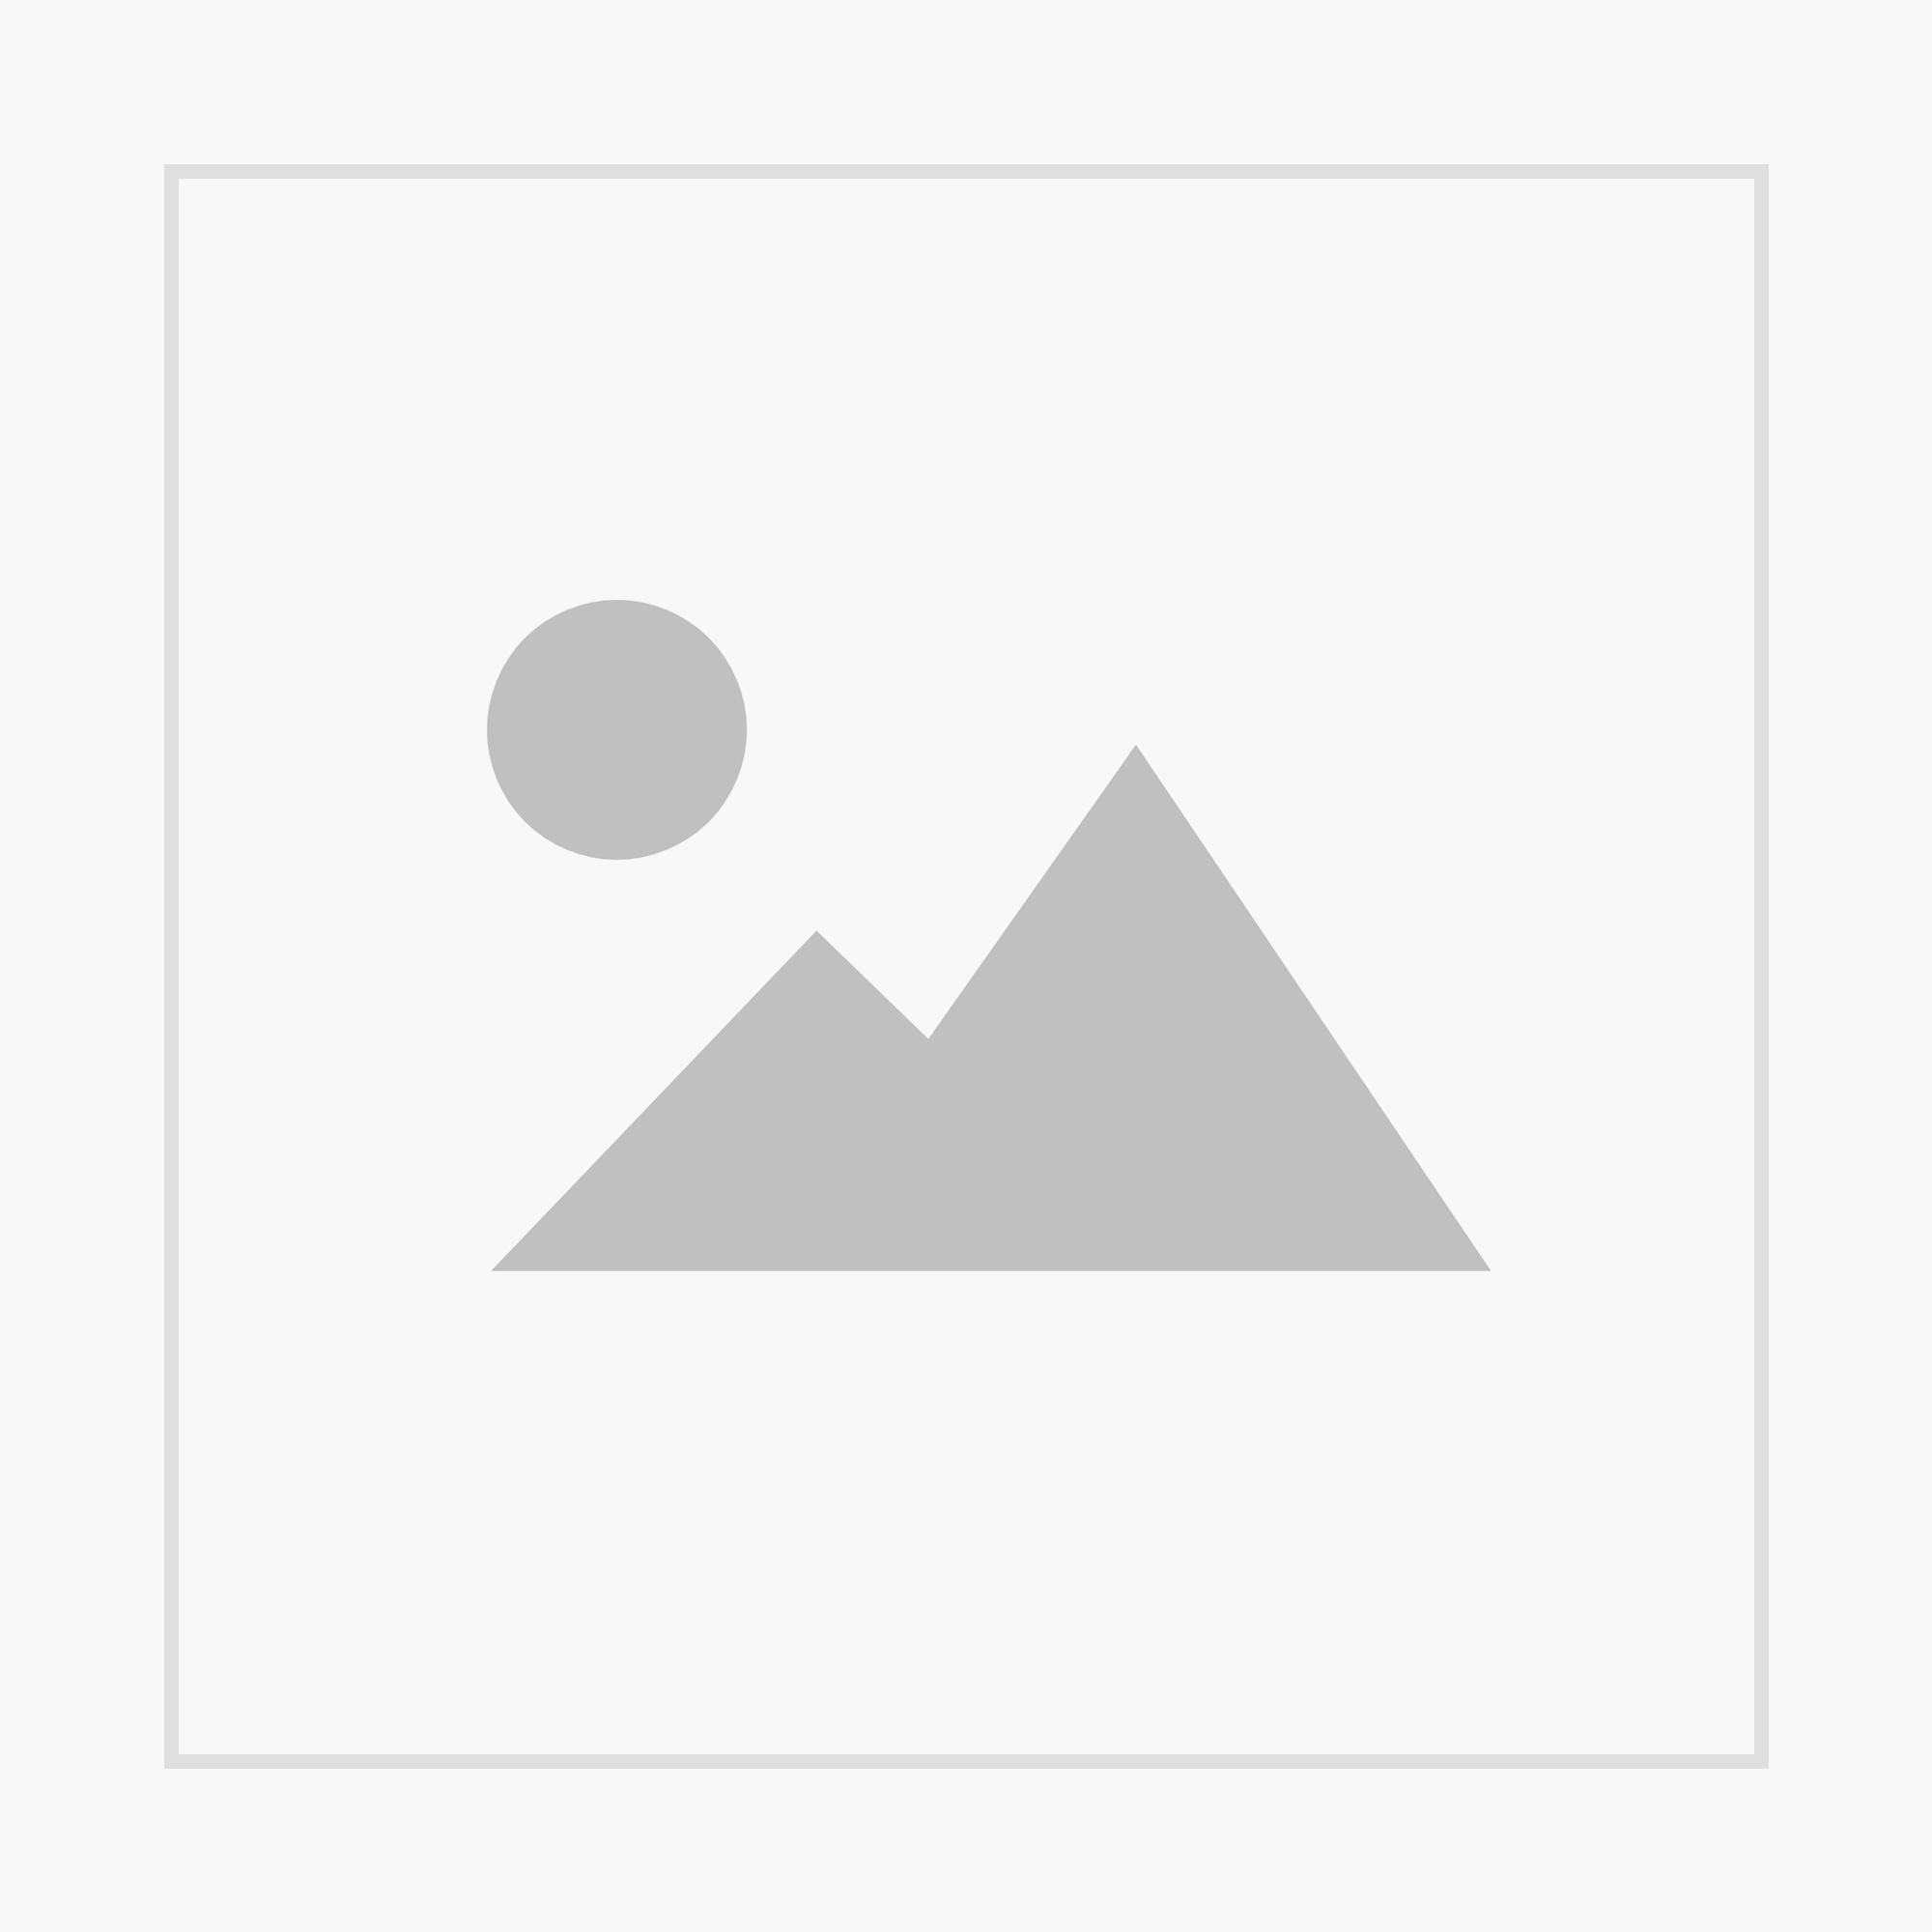 hygge 5 (2/2018)